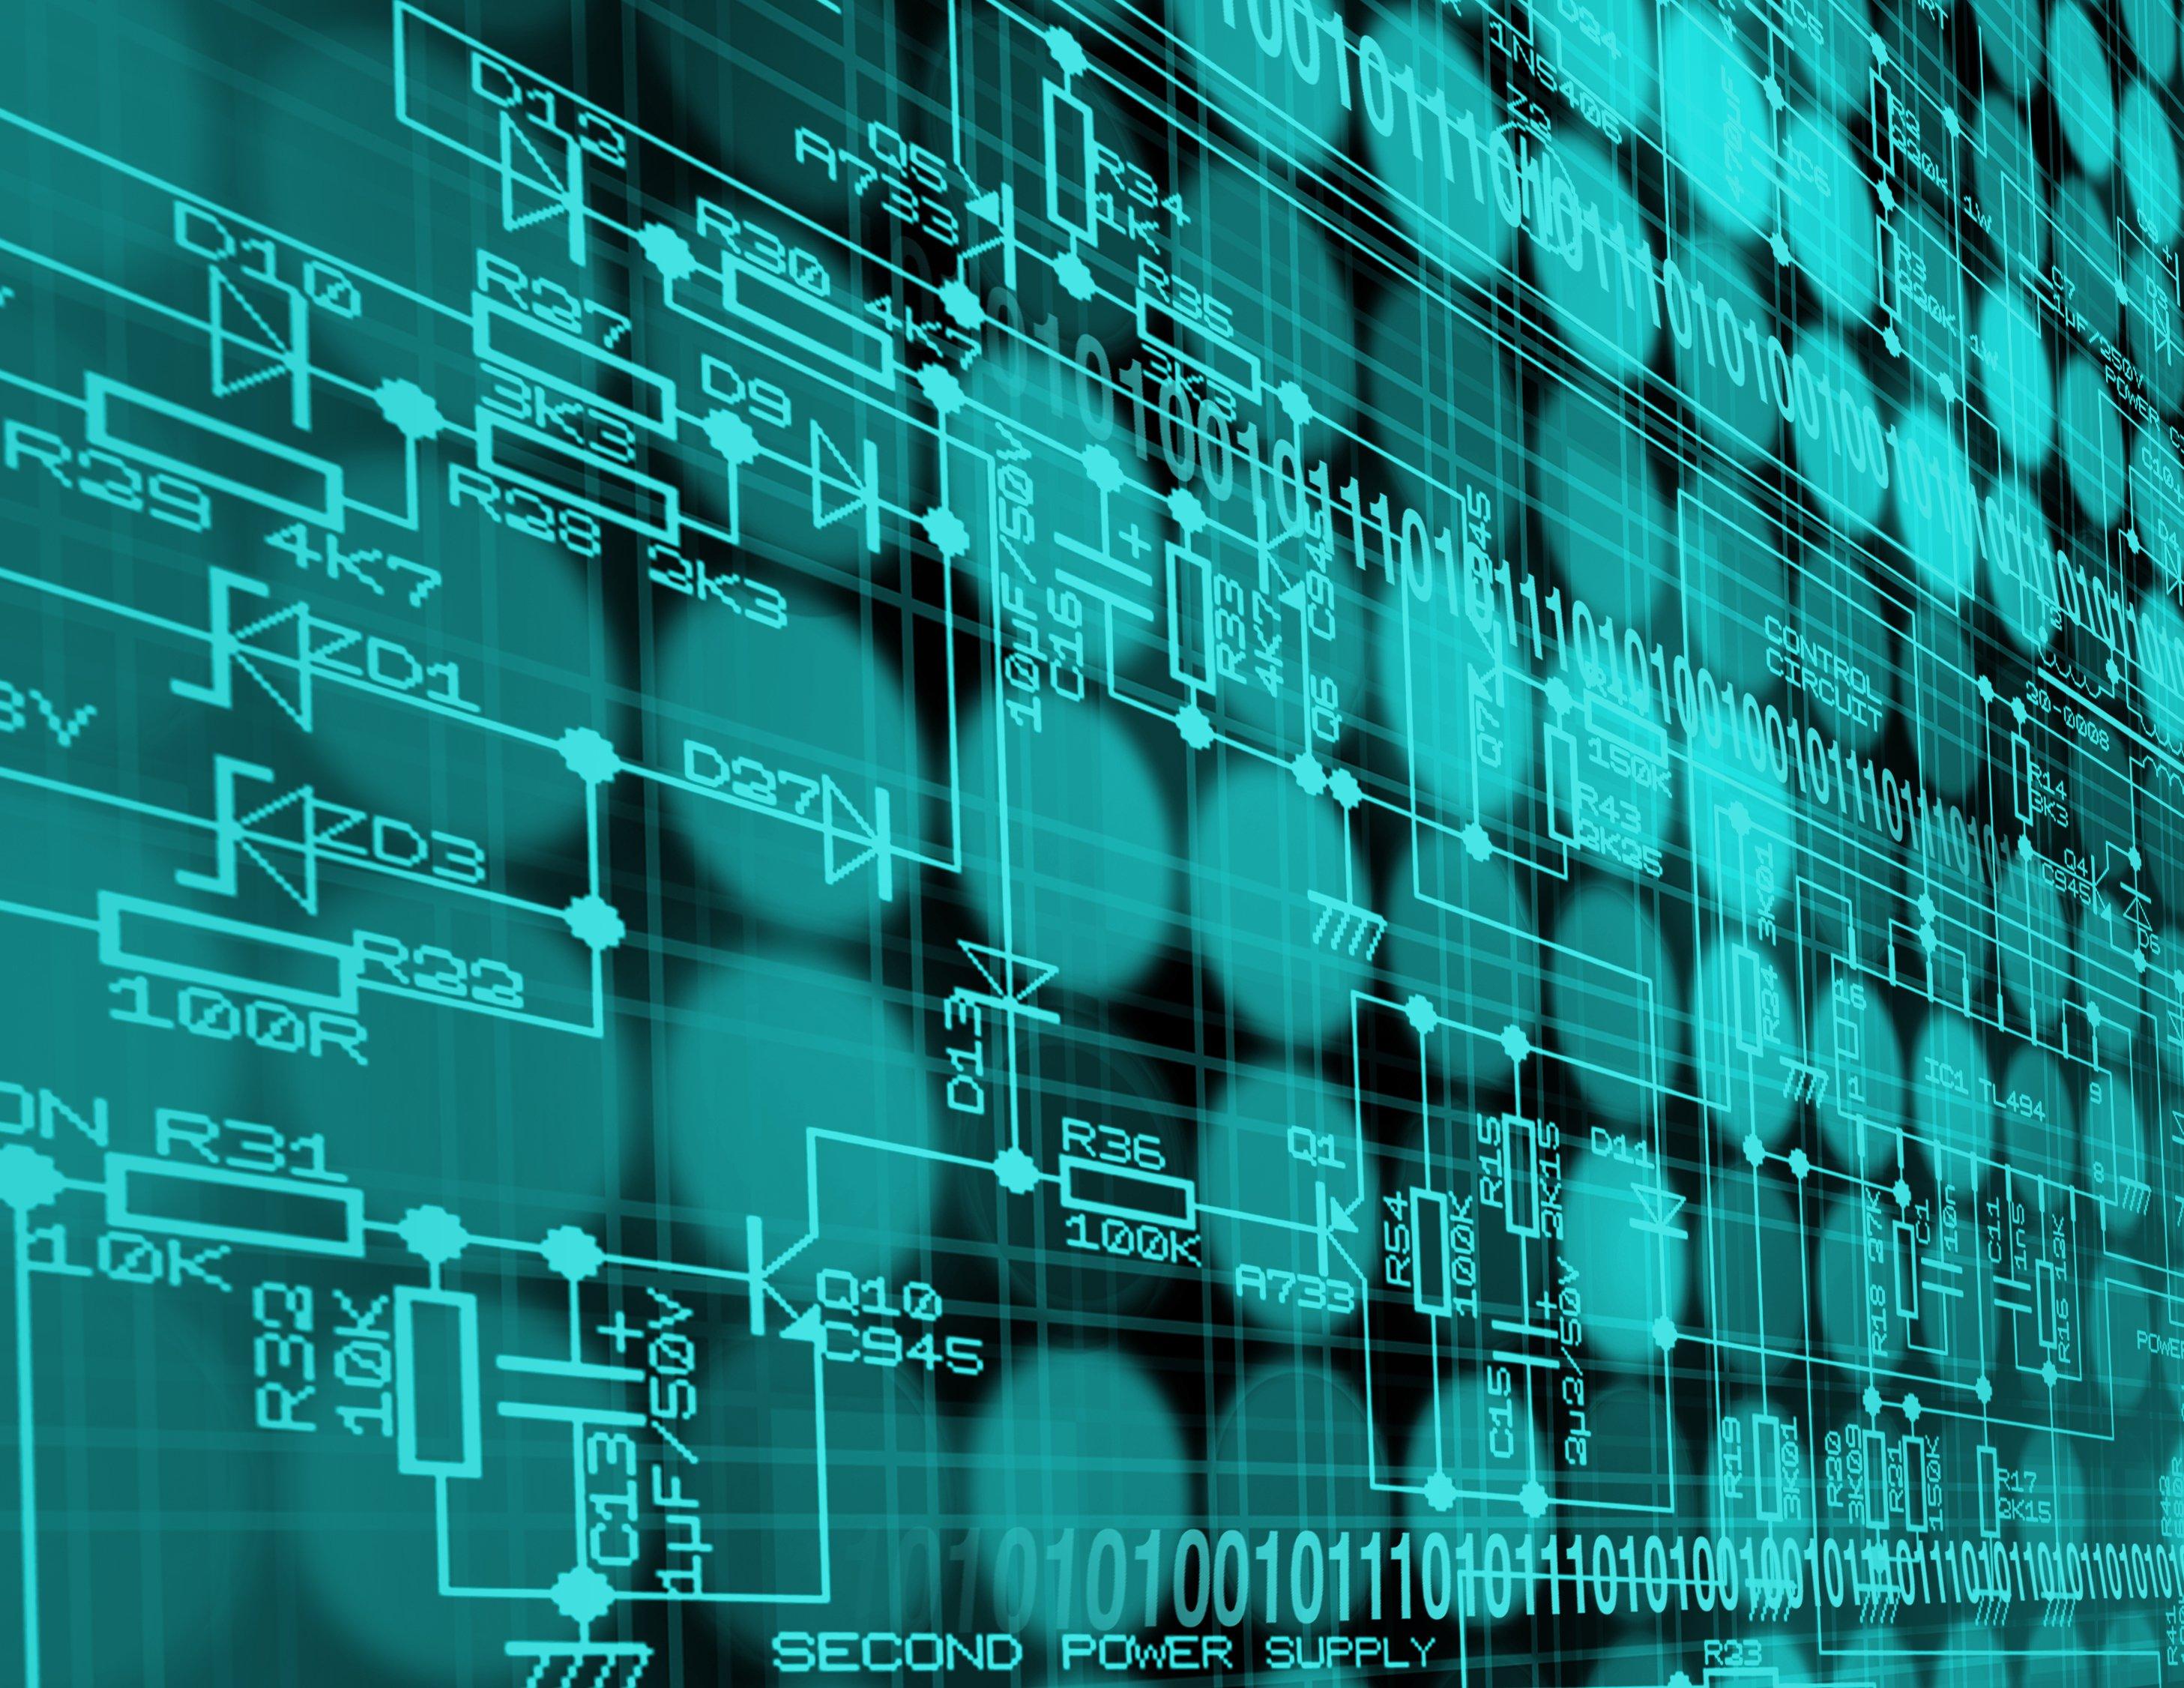 computer virus danger hacking hacker internet sadic 79 wallpaper 2914x2252 354841 wallpaperup